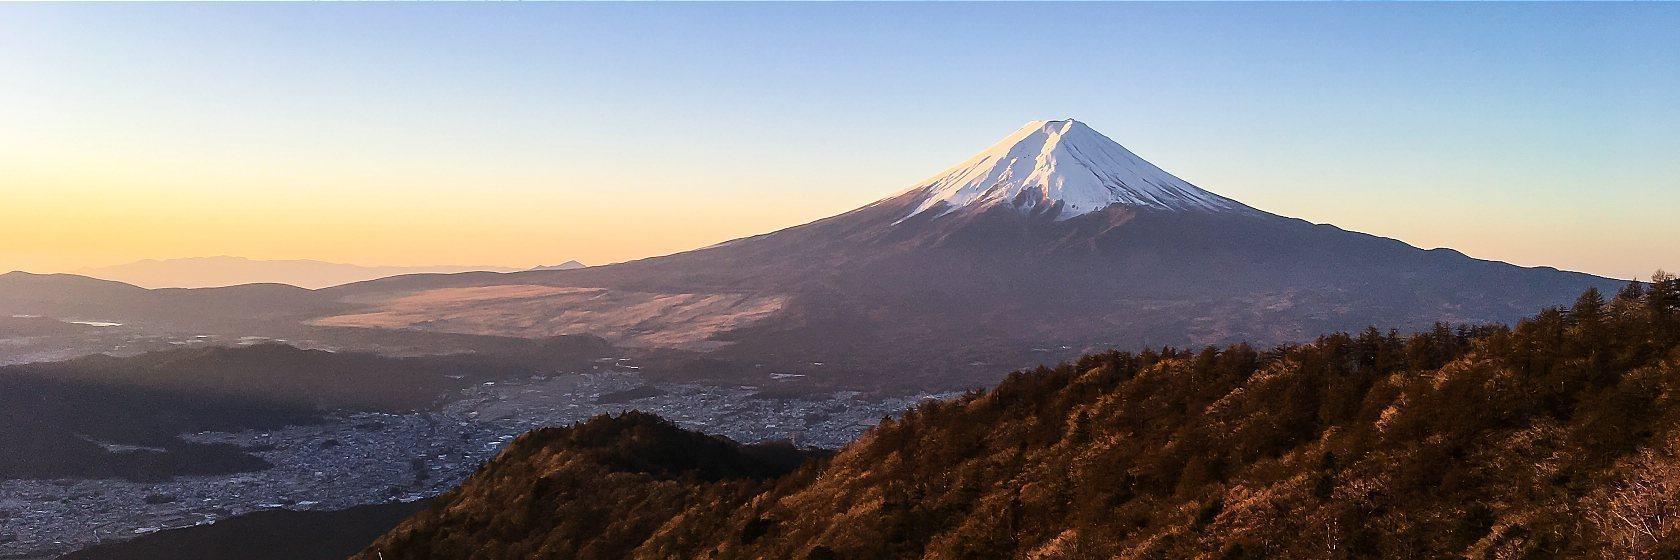 En las entrevistas de Microsoft pueden preguntar al candidato «Cómo movería el monte Fuji»